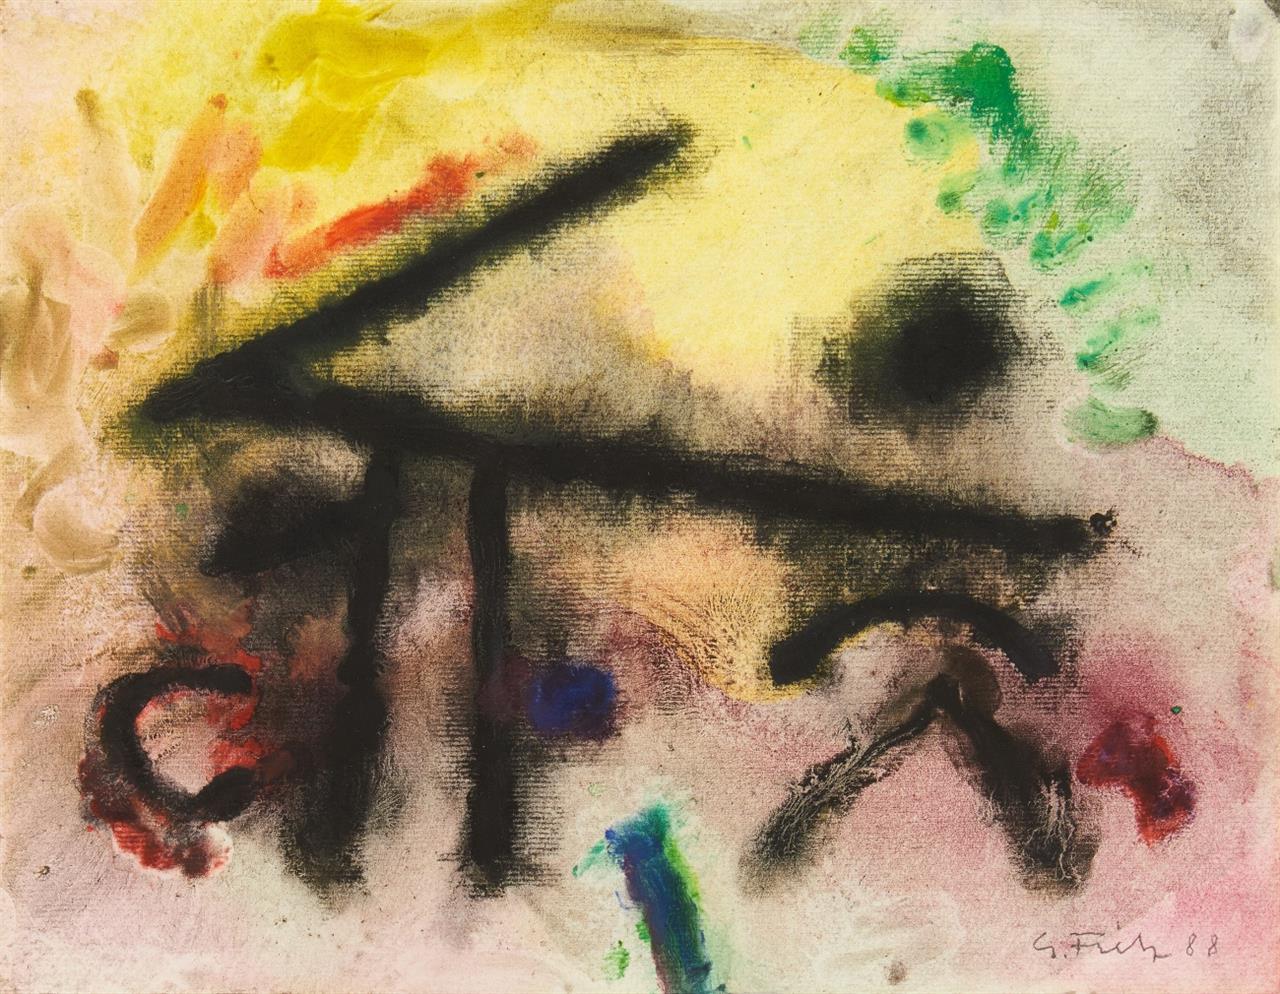 Gerhard Fietz. Ohne Titel. 1988. Ölfarben und Aquarell auf Japanbütten. Signiert.